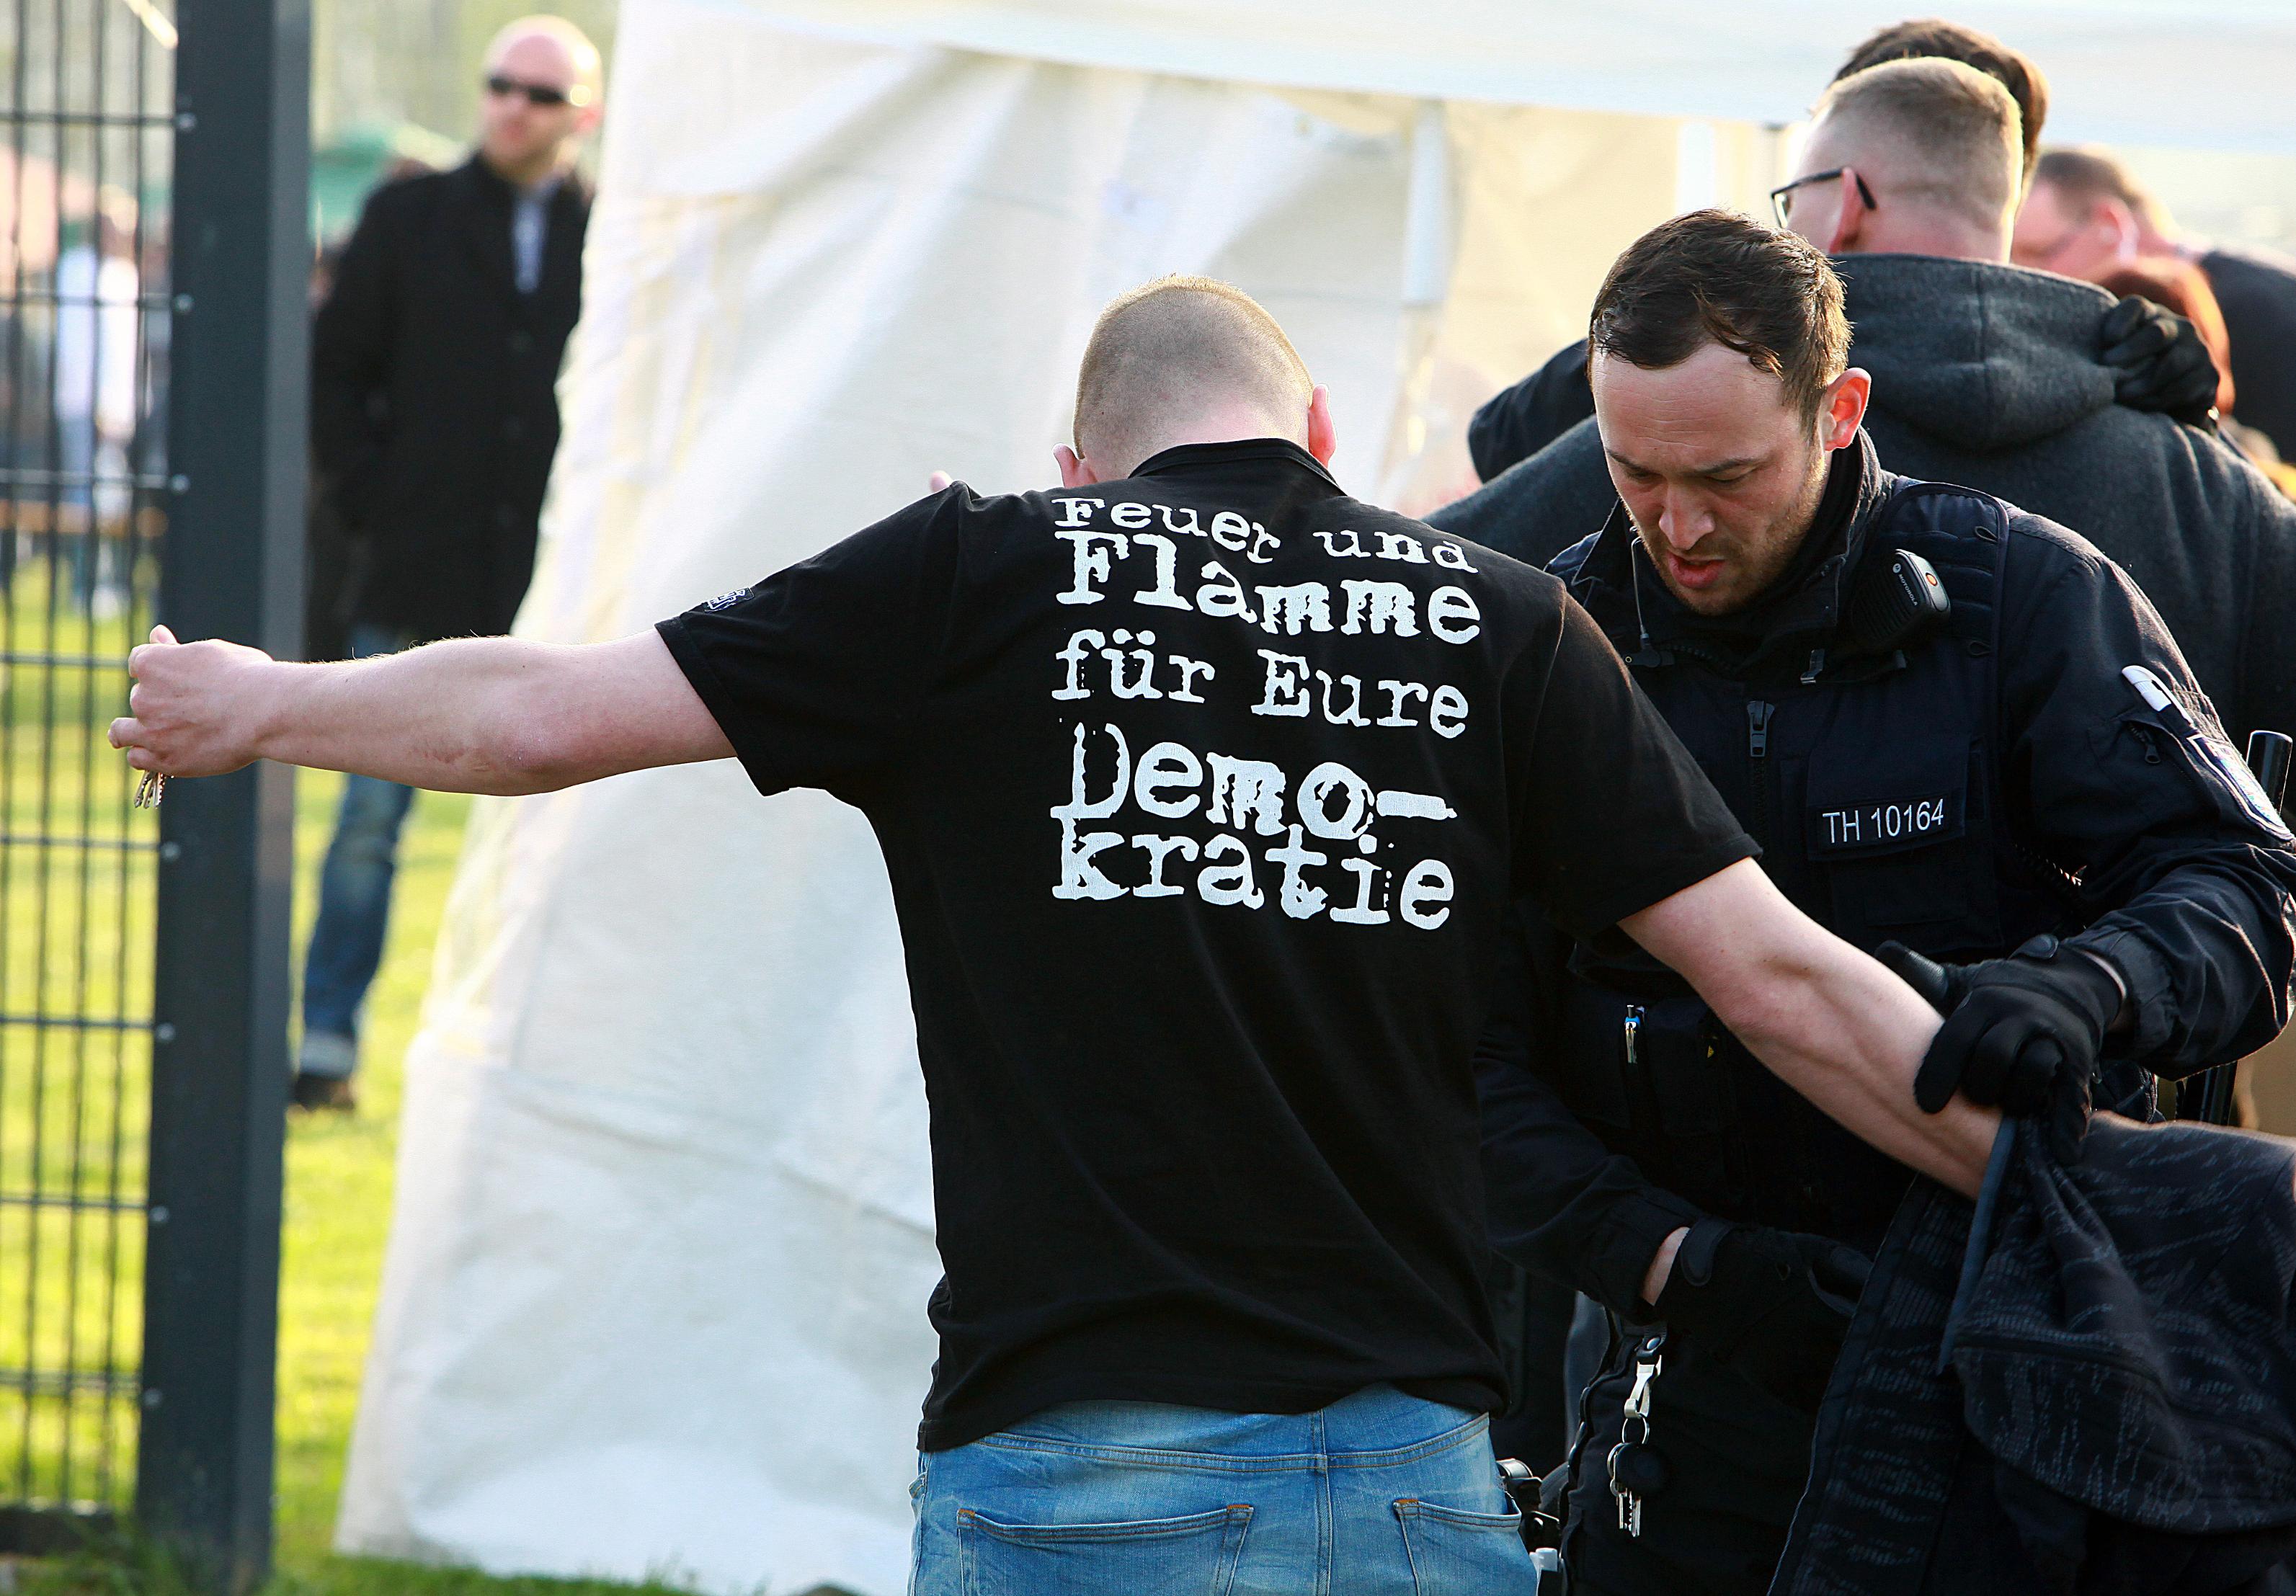 Polizist durchsucht Teilnehmer bei rechtsRock-Konzert